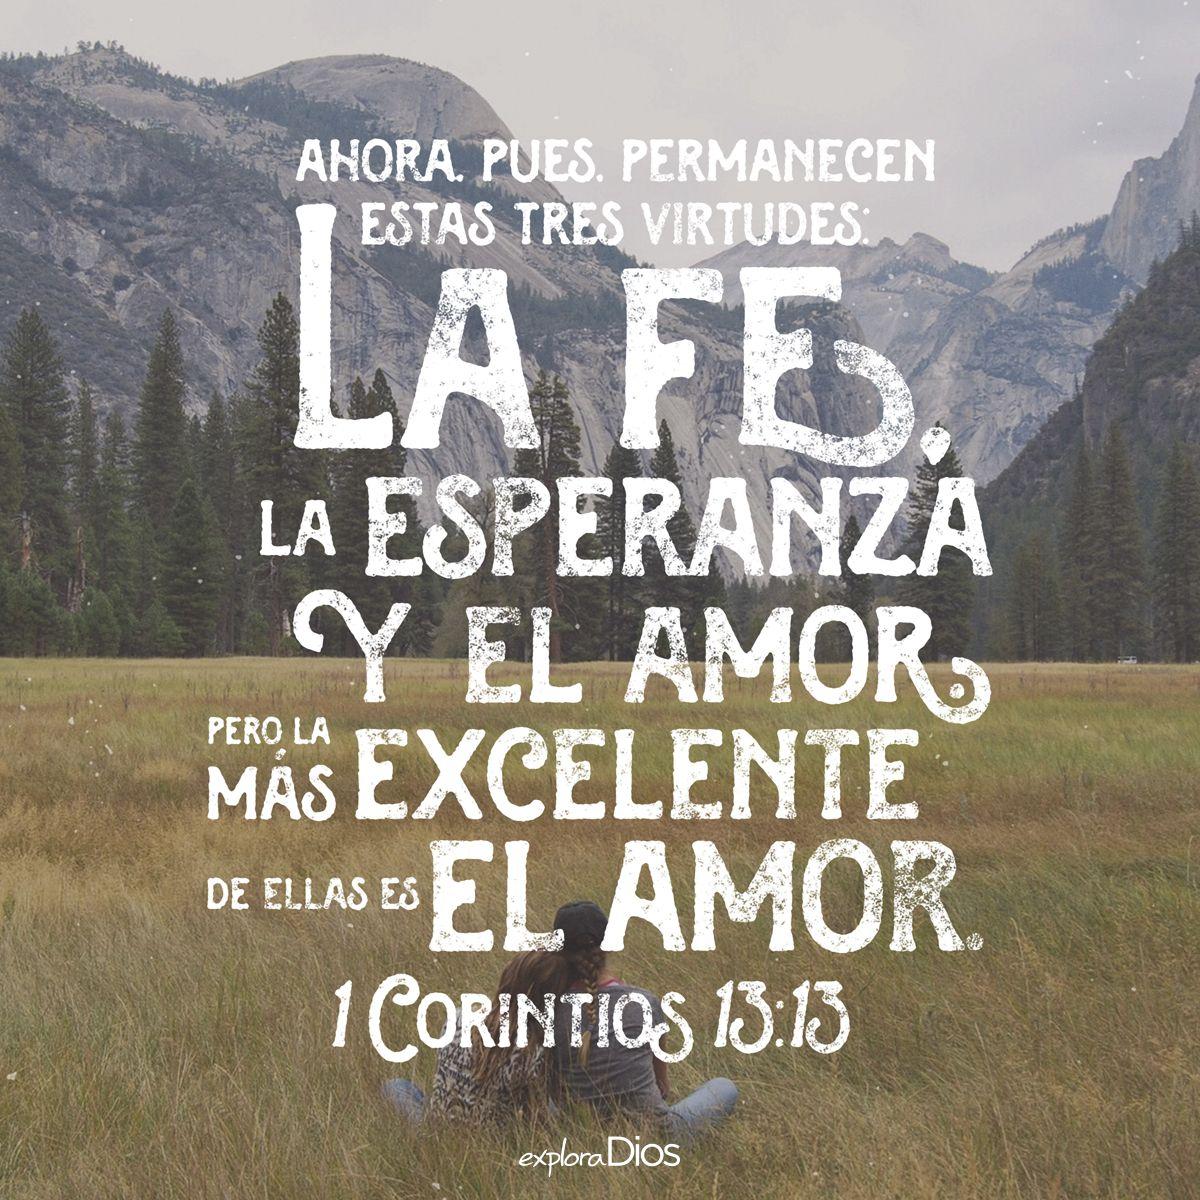 Versiculos De La Biblia De Fe: Ahora, Pues, Permanecen Estas Tres Virtudes: La Fe, La